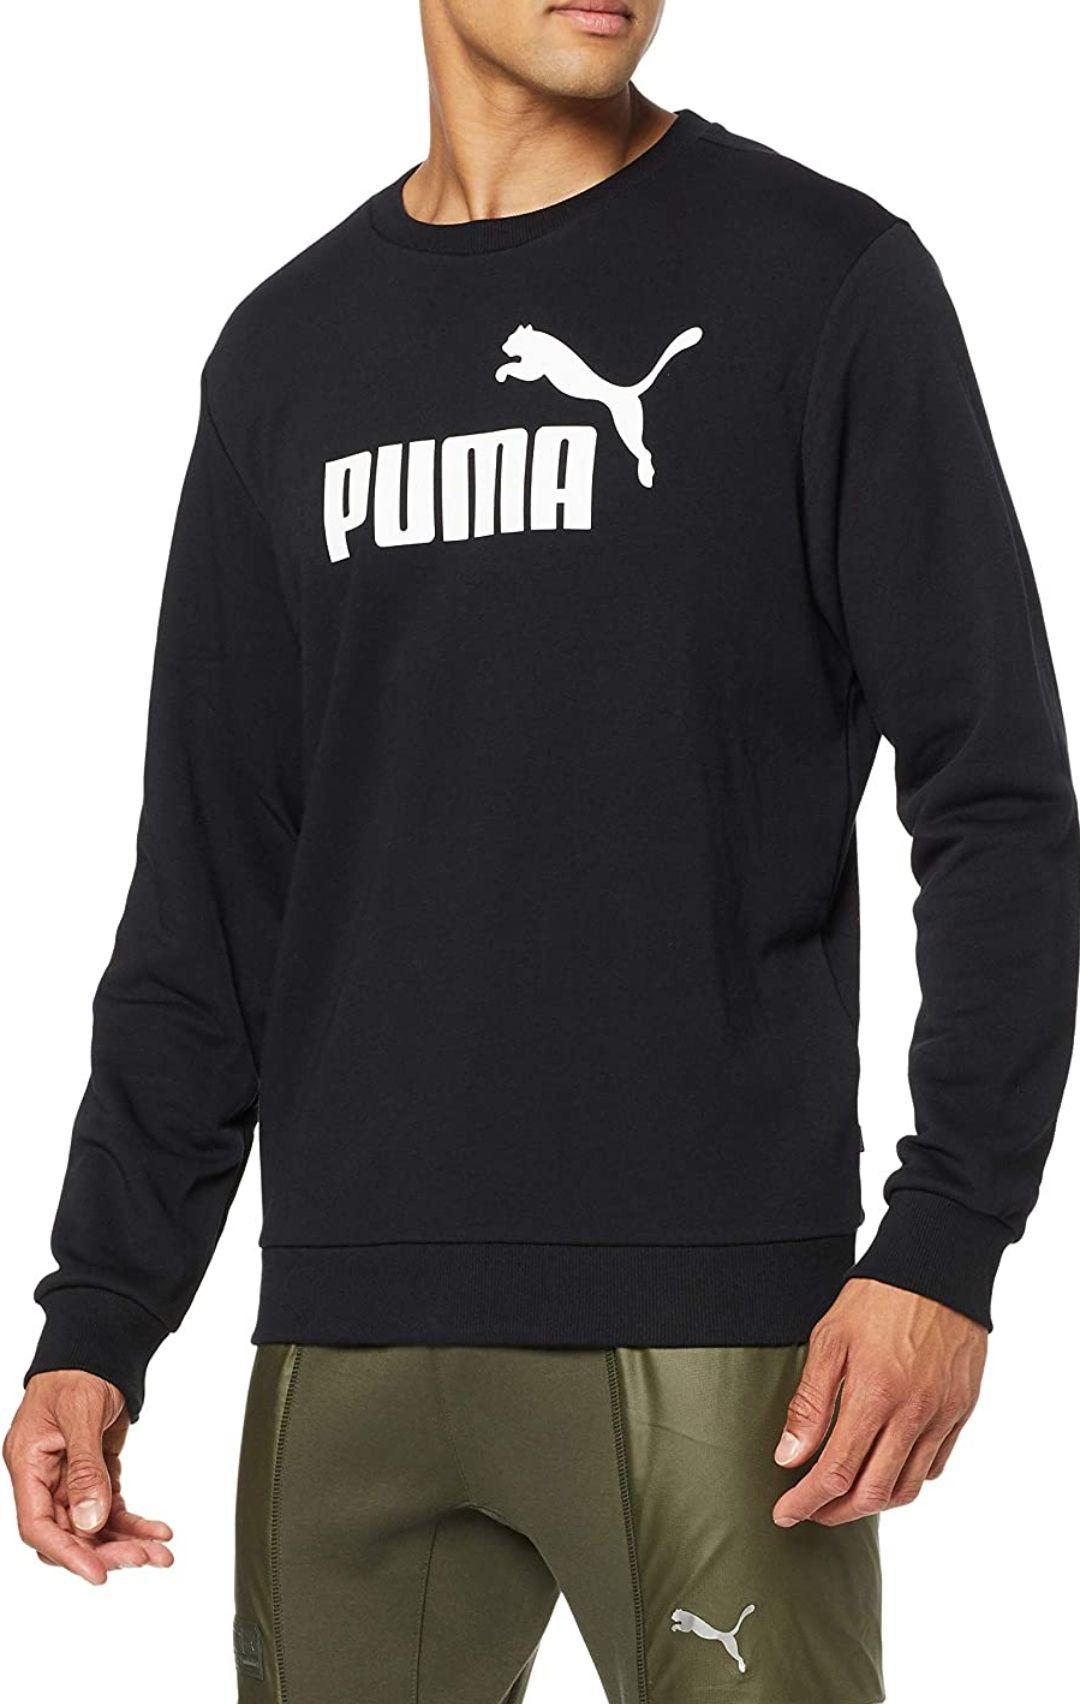 Sudadera hombre Puma tallas M (también en gris) y L.